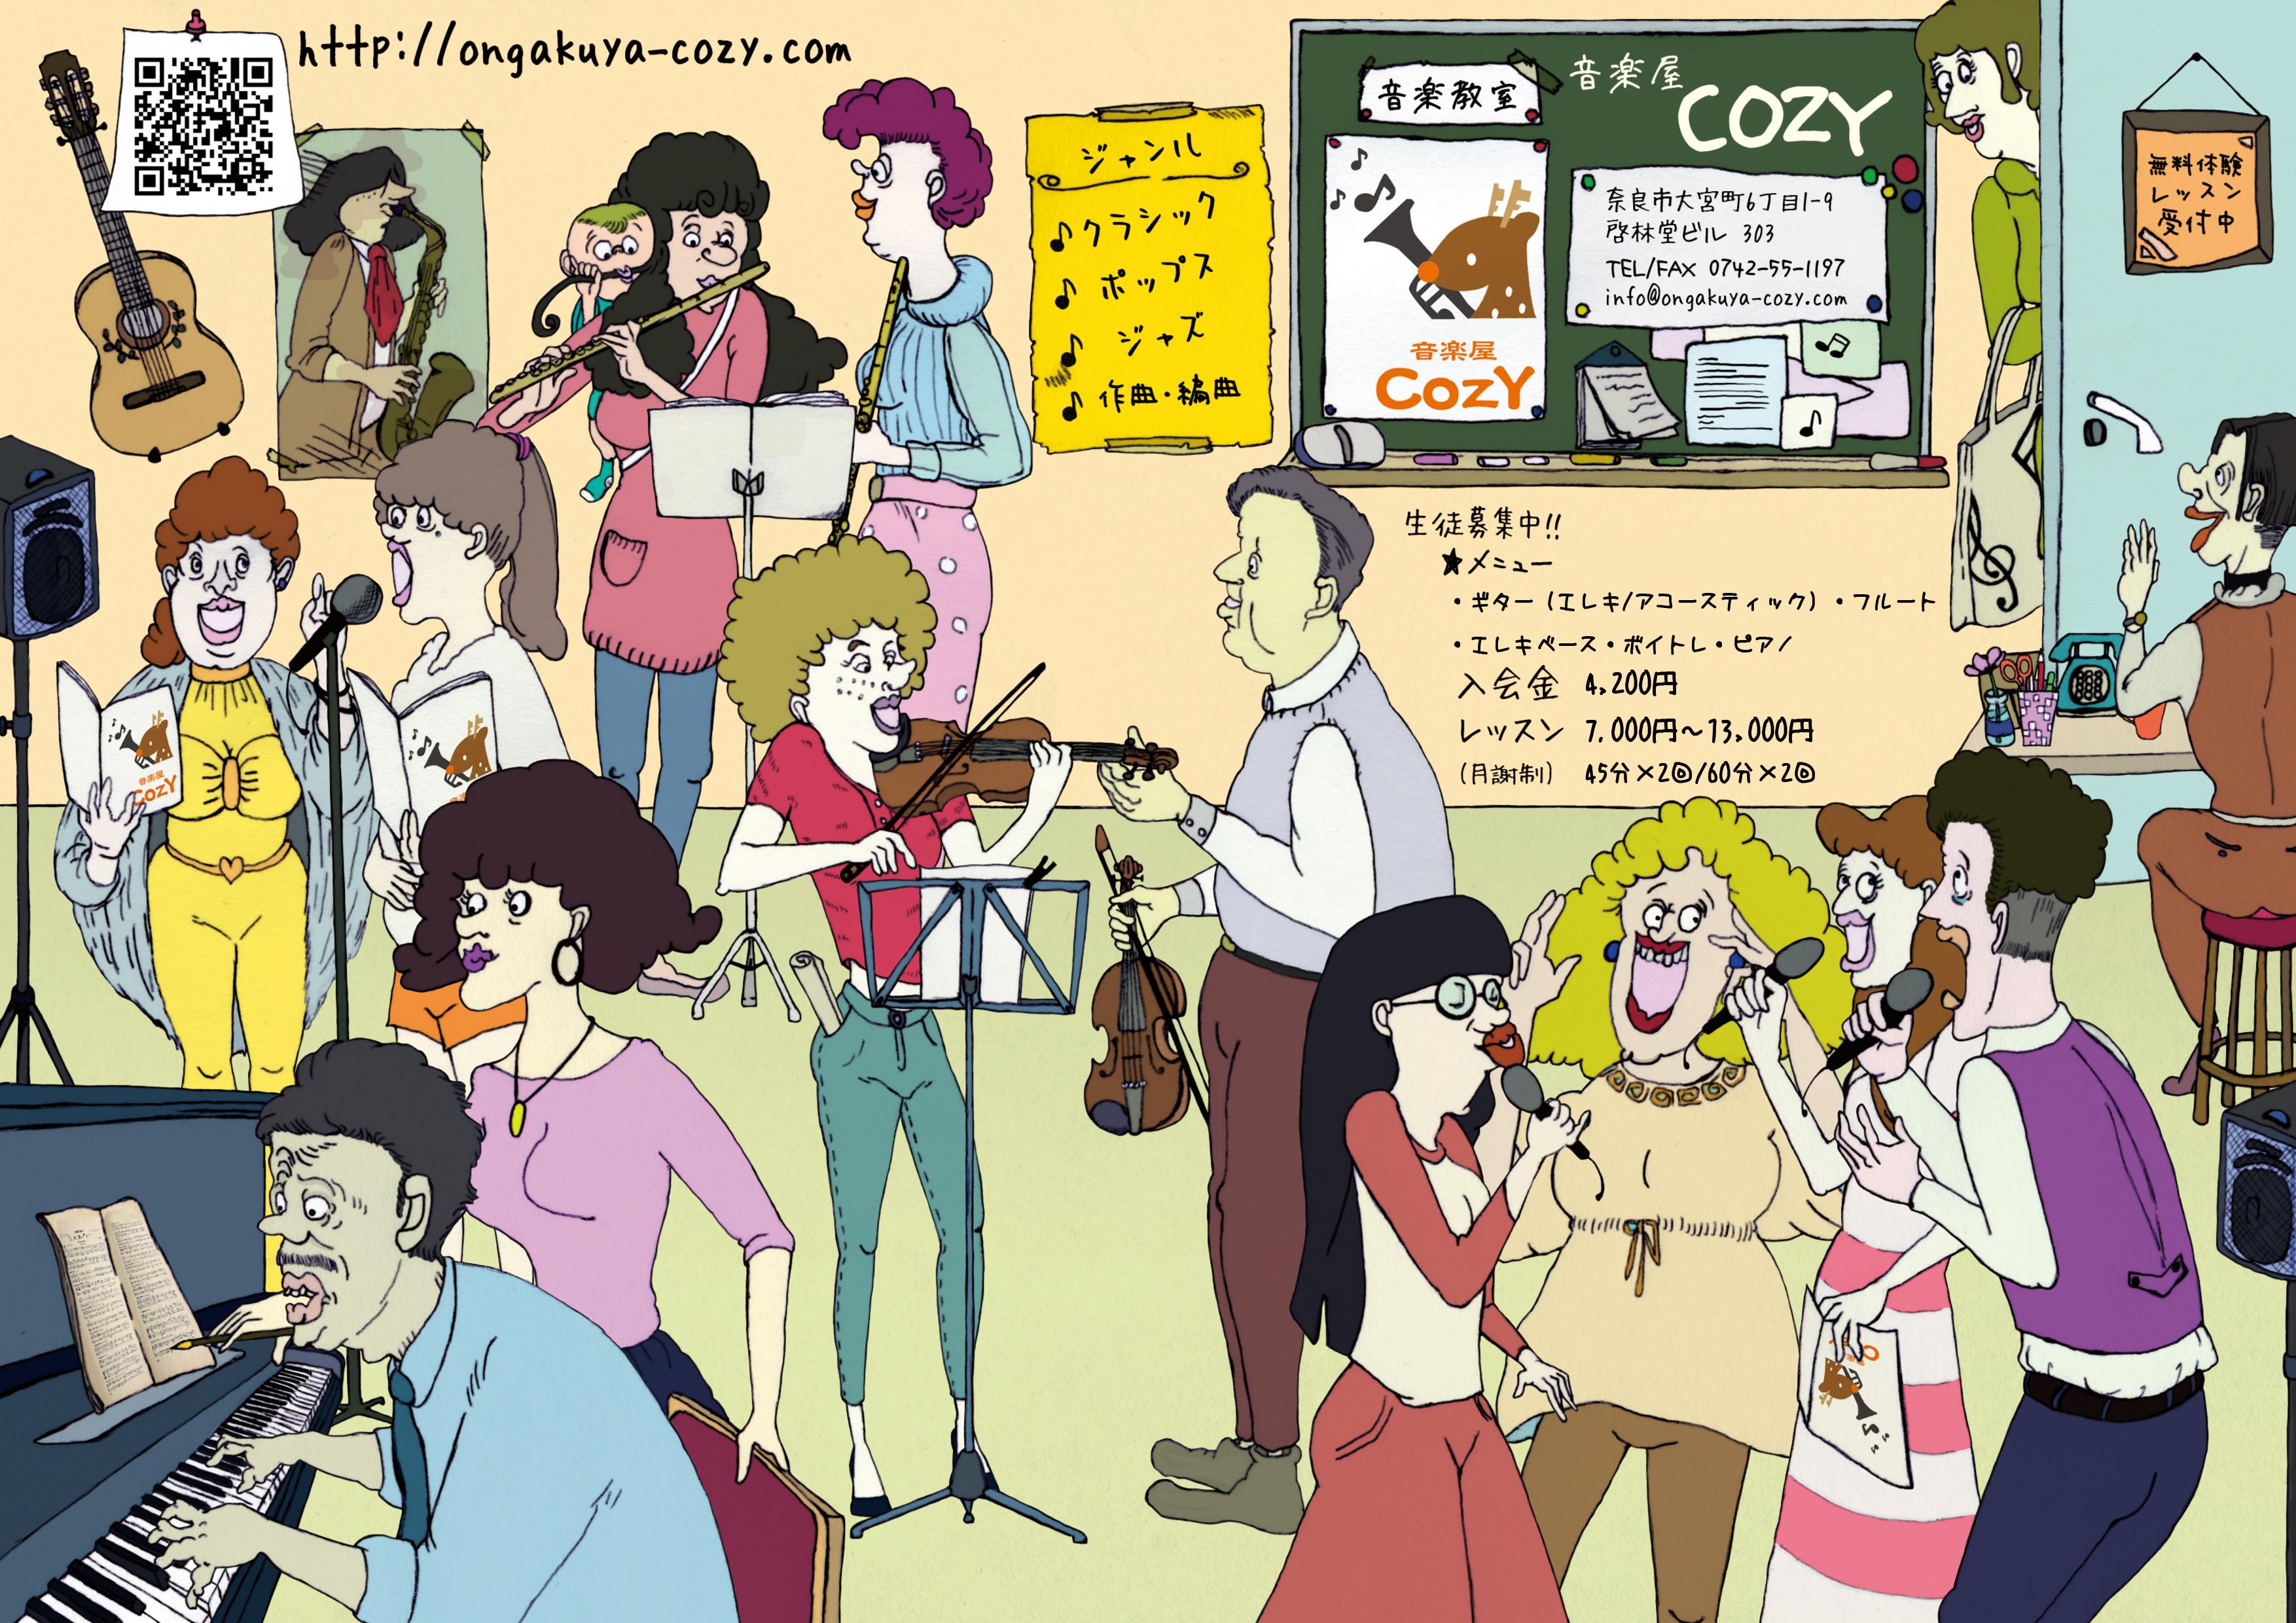 音楽屋COZY2017教室チラシ